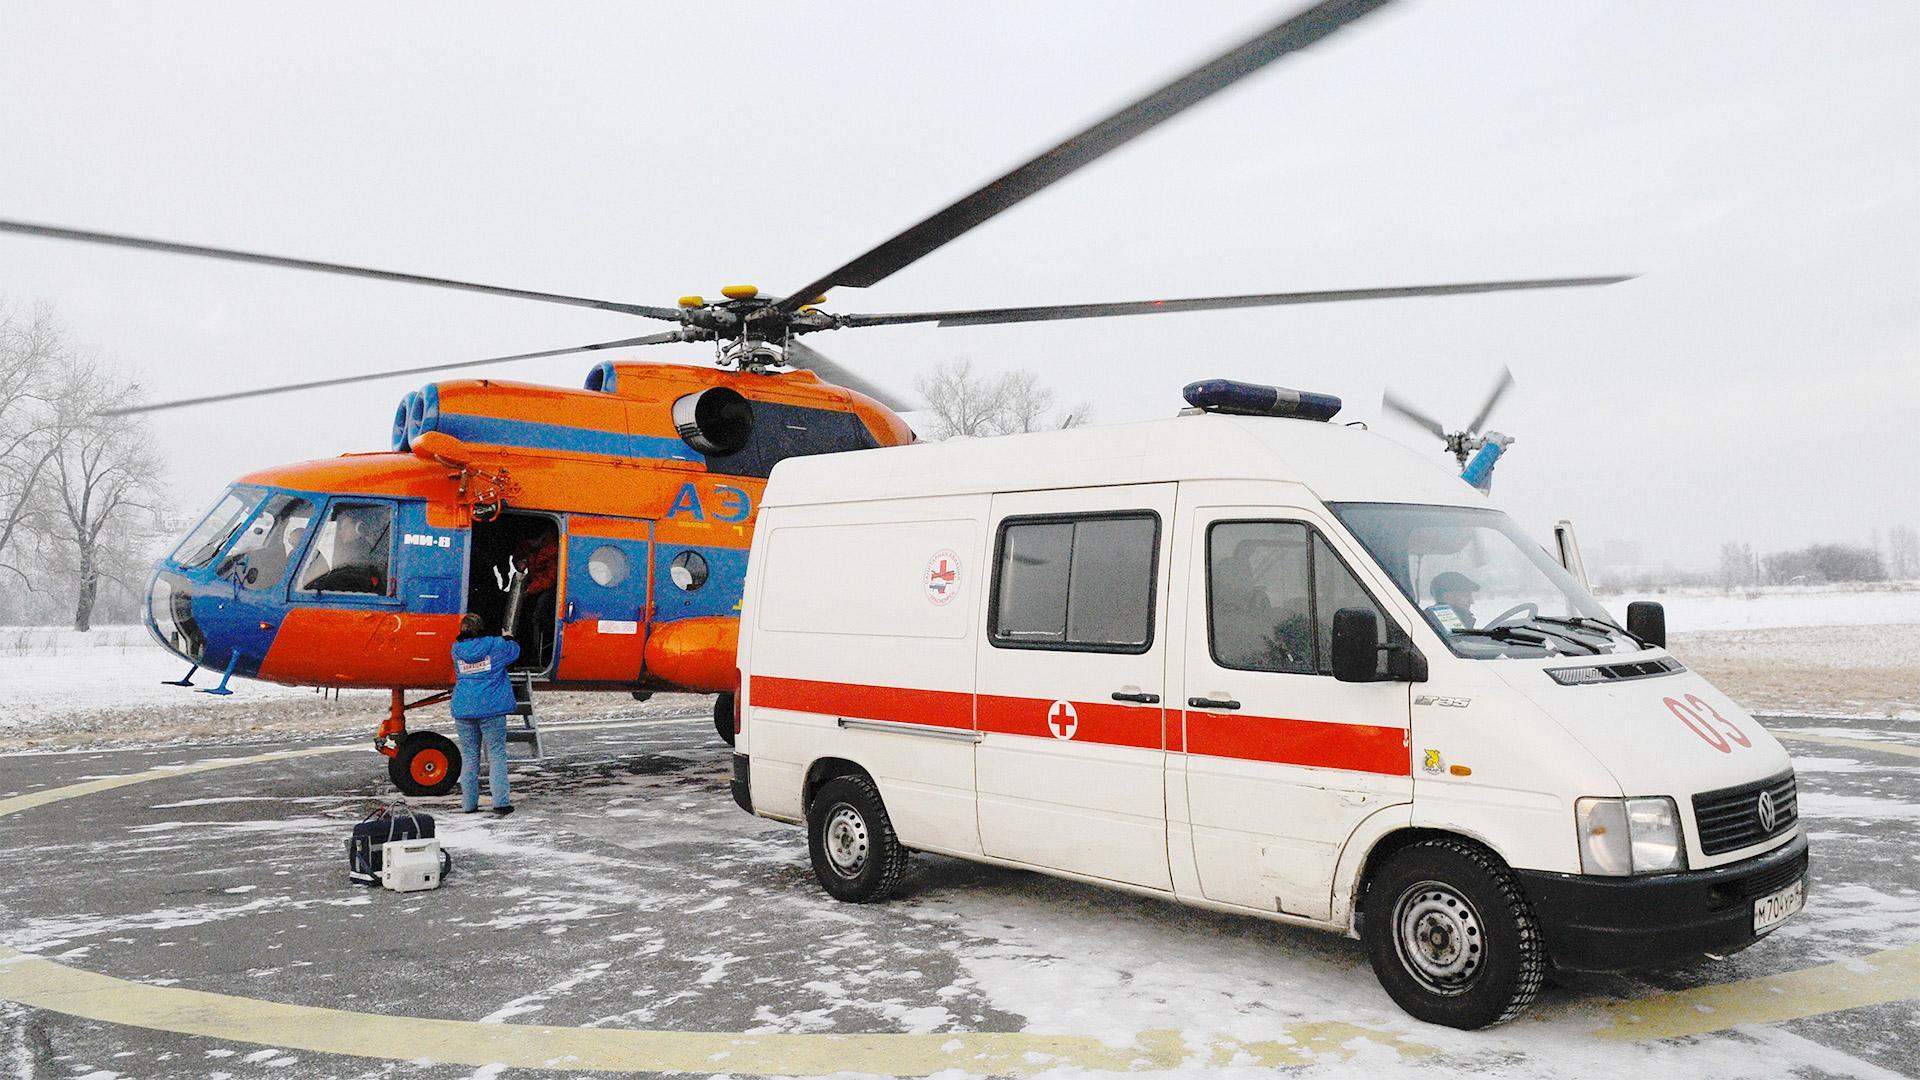 Министр здравоохранения Якутии предлагает увеличить число аэропортов базирования для санавиации